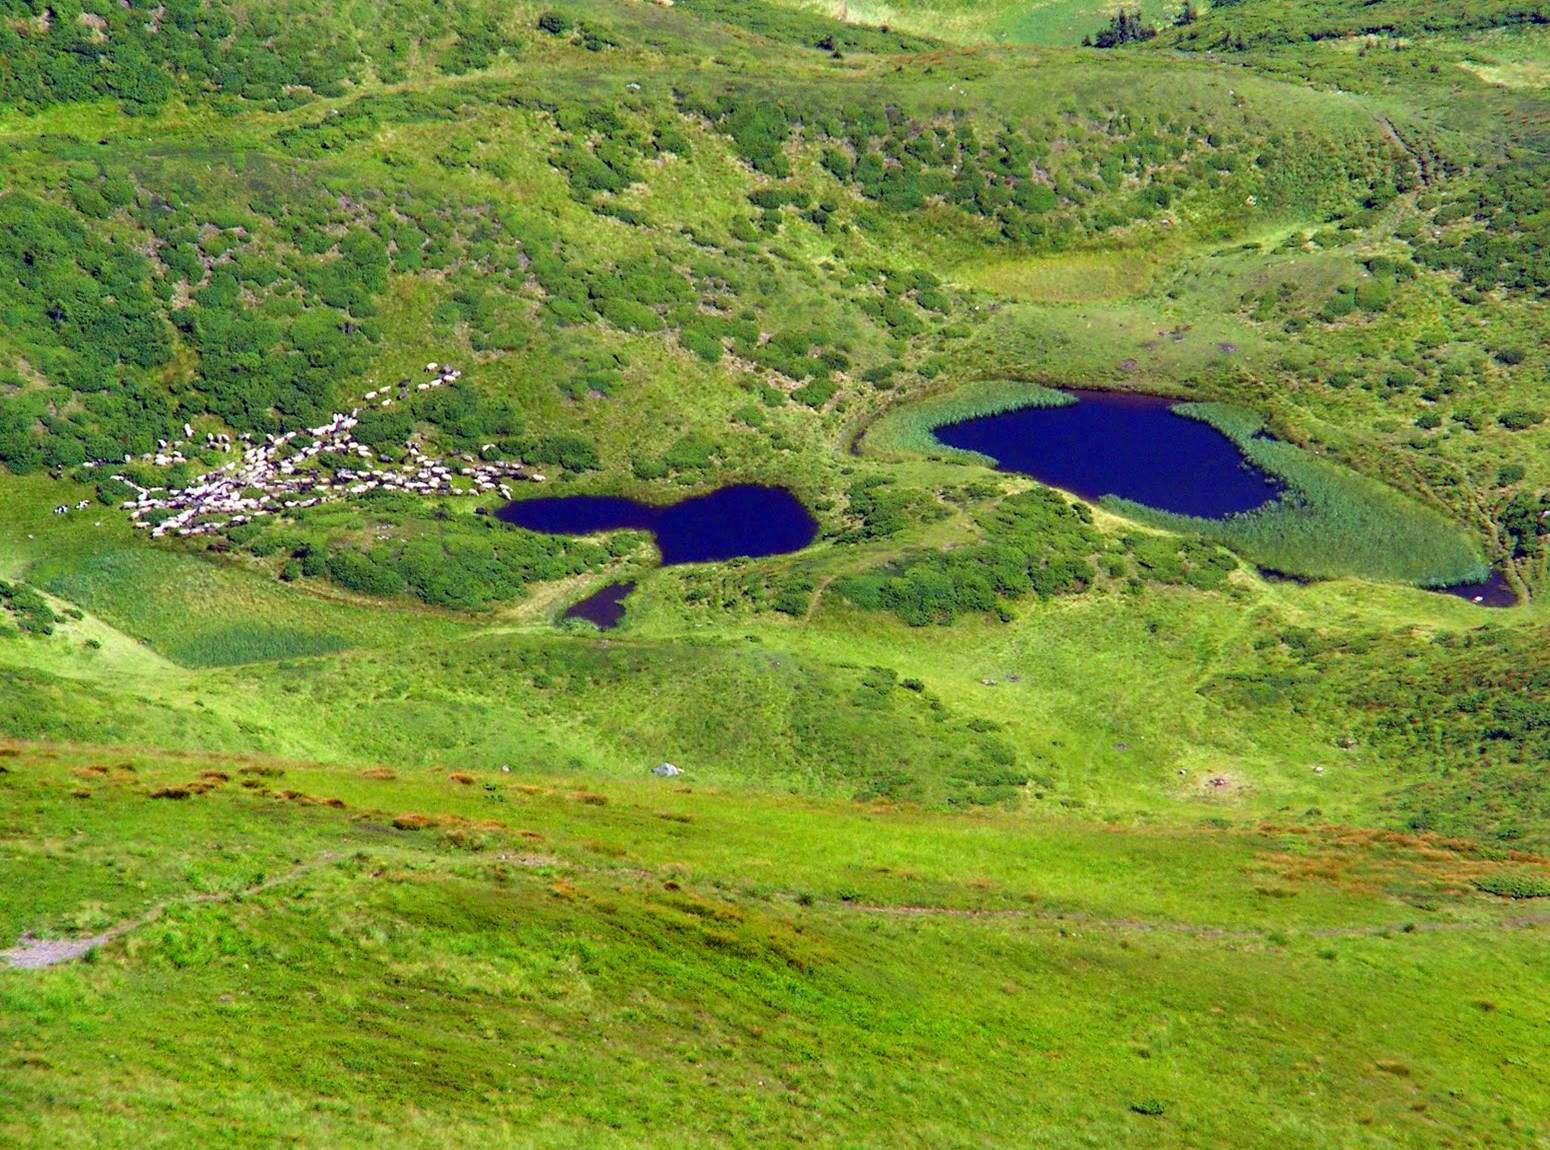 Закарпатська область, озеро Івор (Драгобратське)